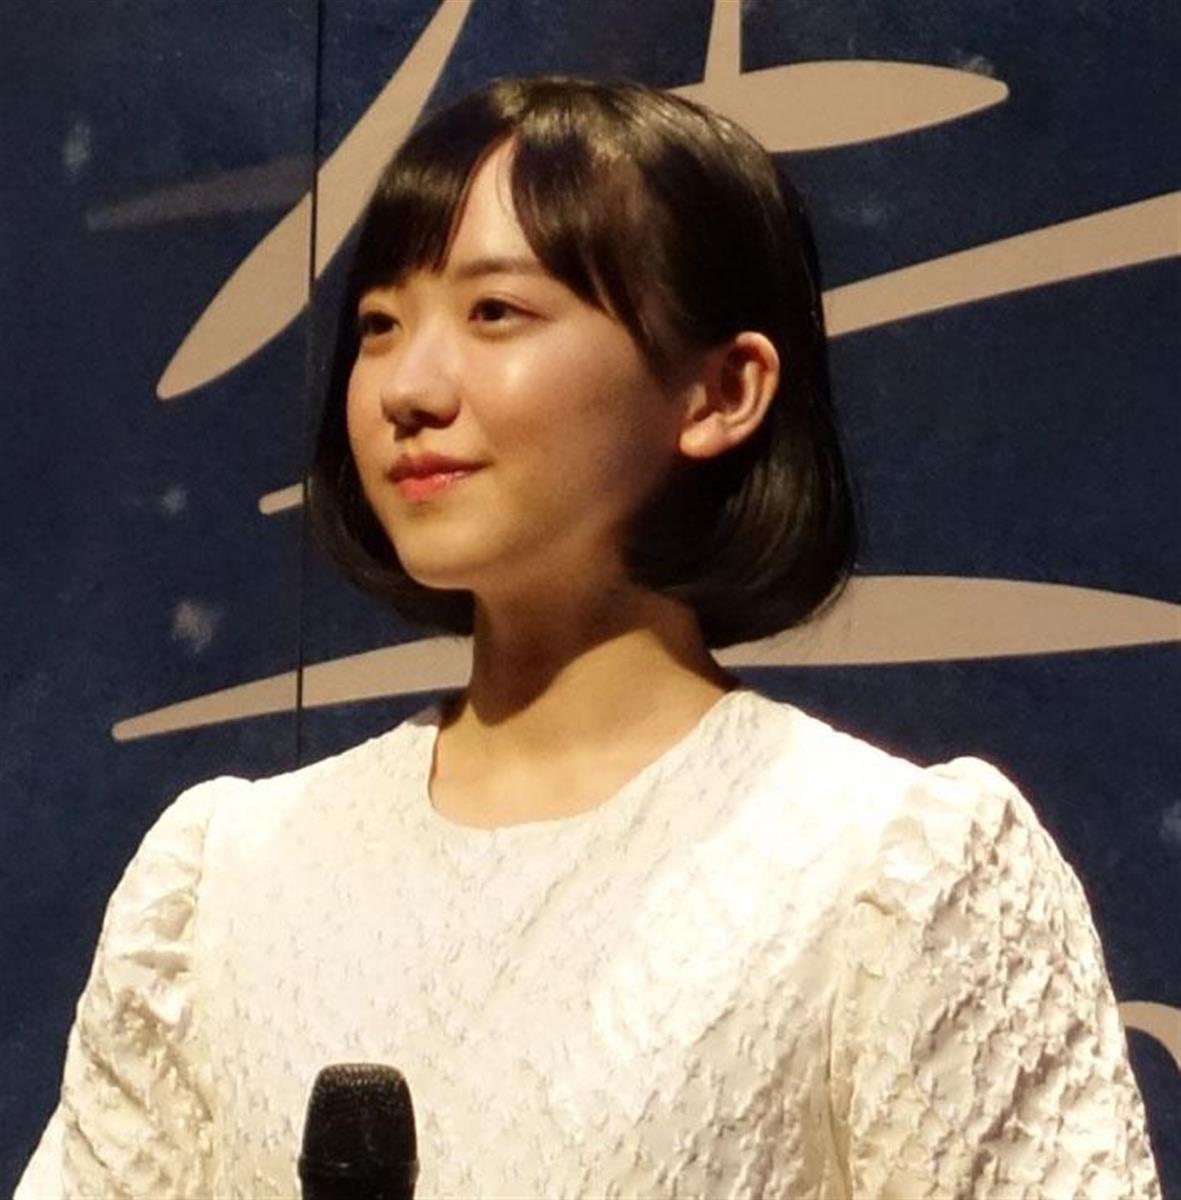 愛菜 ガラシャ 芦田 細川